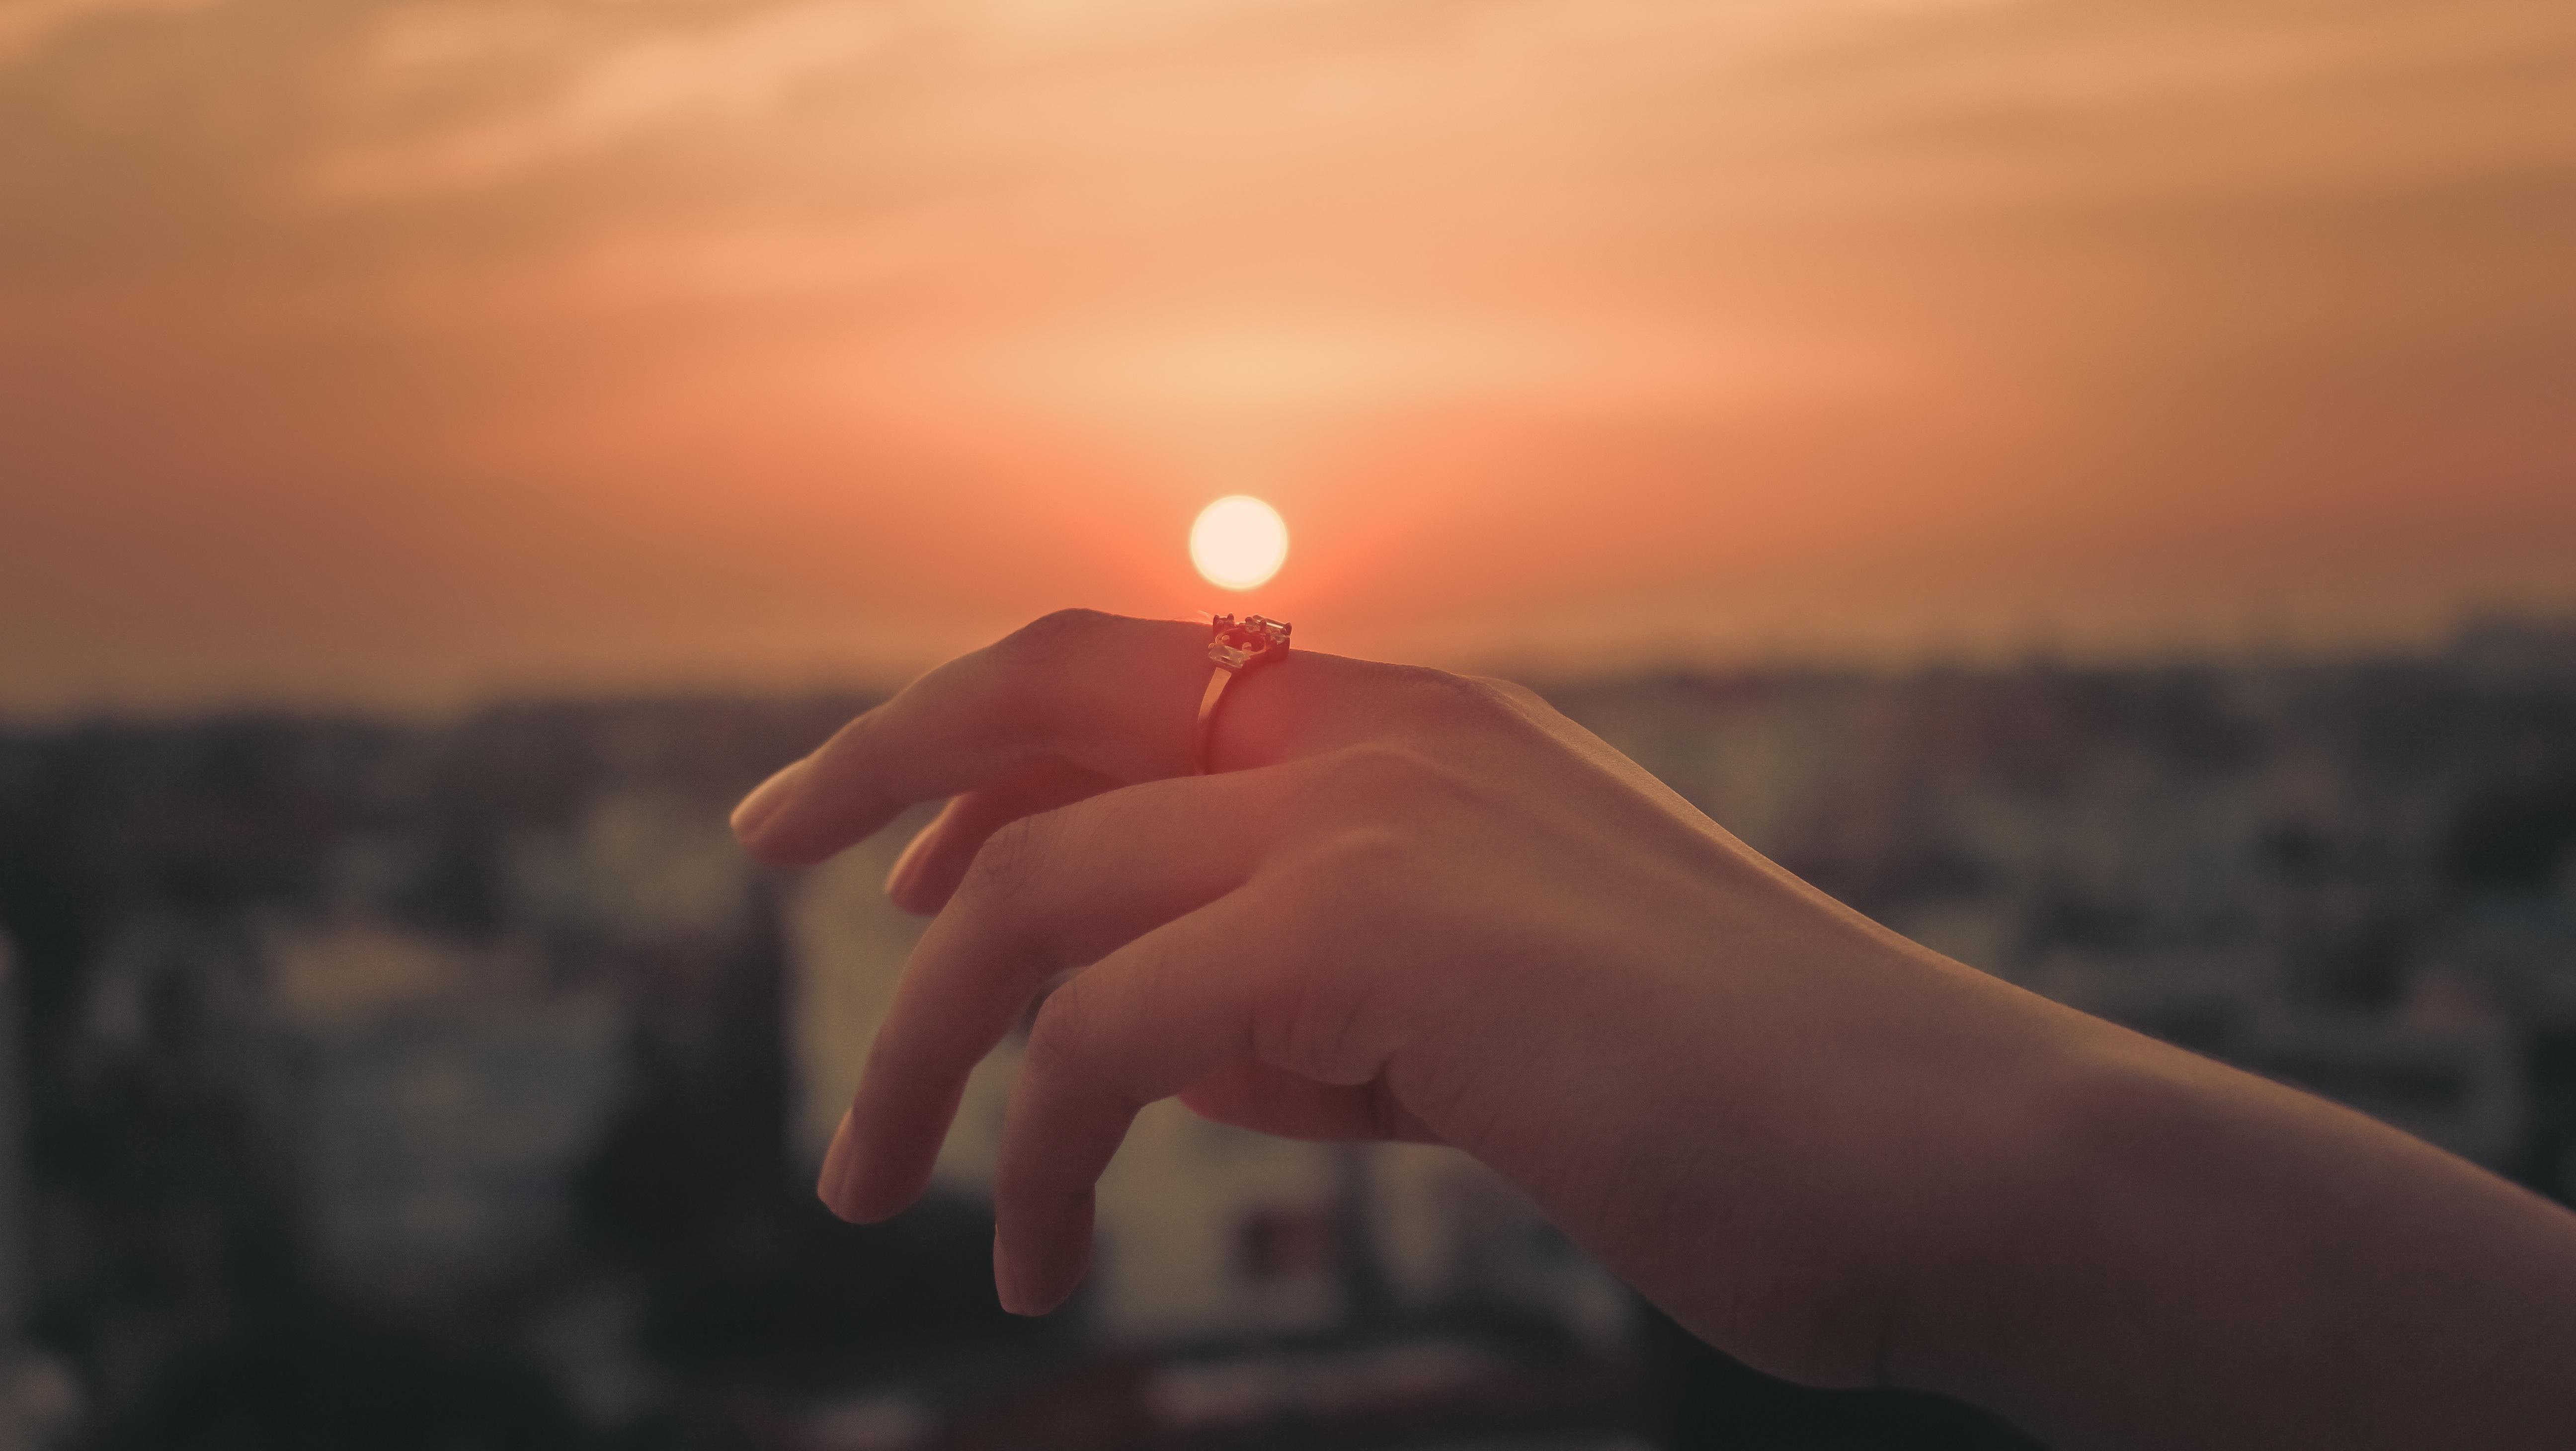 картинки красивый закат солнца в руках использовании электродвигателя